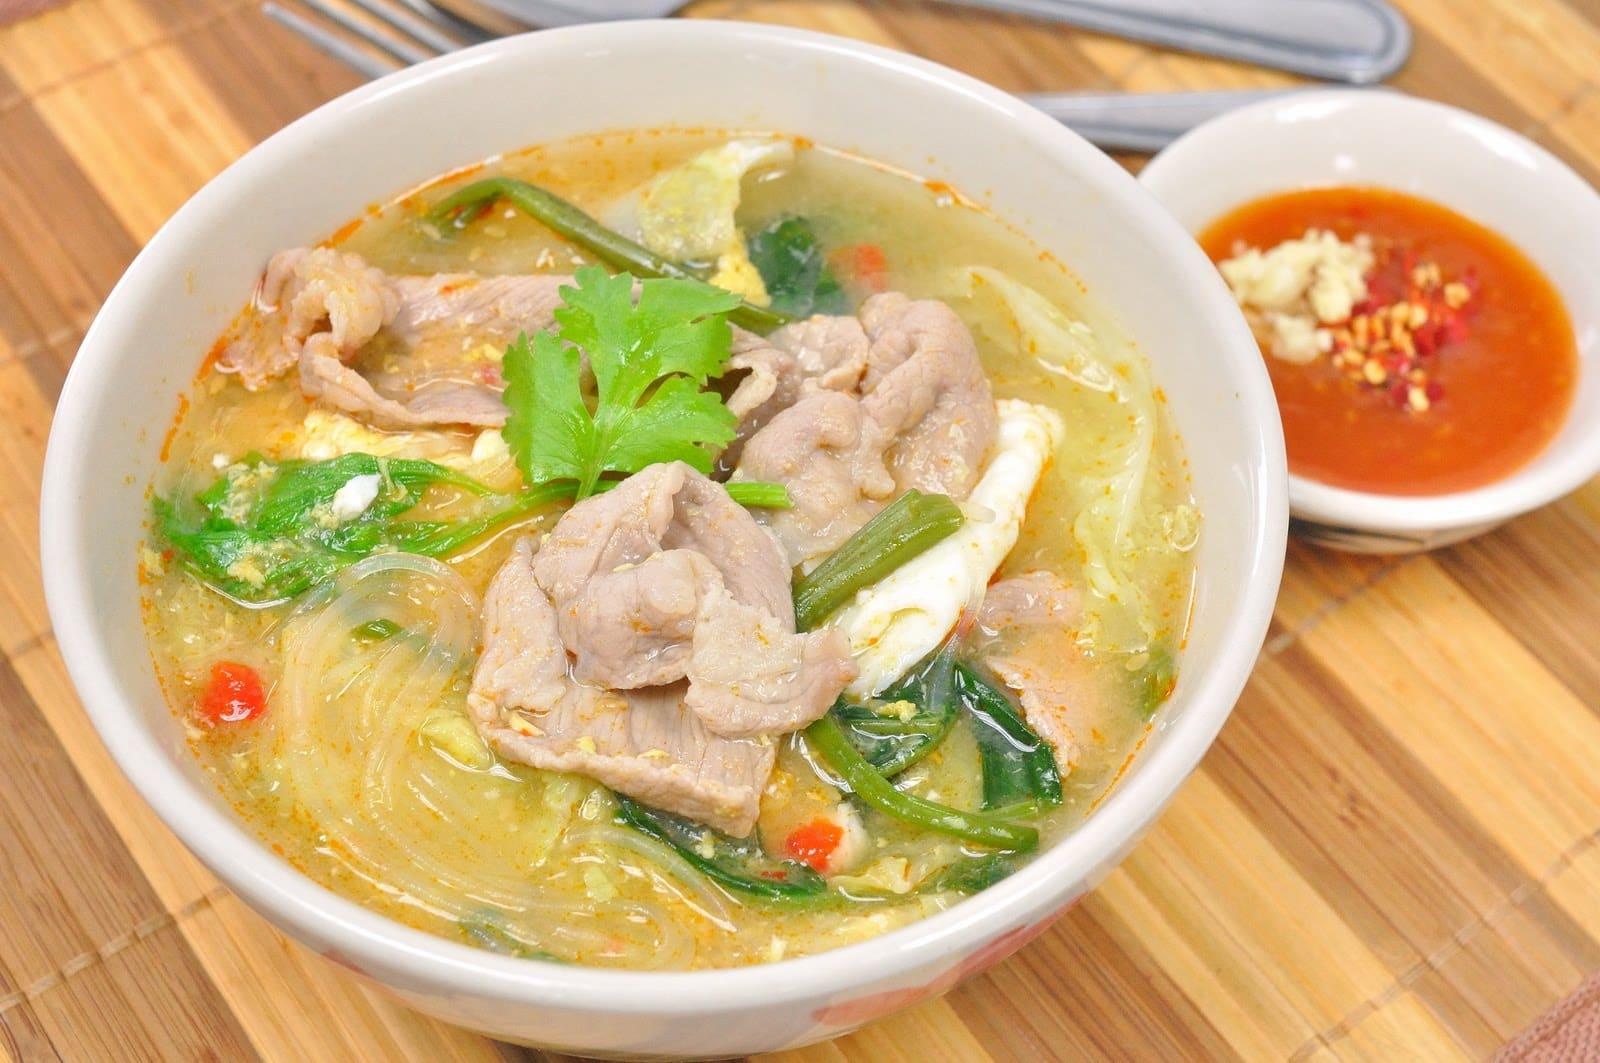 Diet food 27 - แนะนำ 20 เมนูอาหารตามสั่งที่ไม่อ้วน เที่ยงกินได้ เย็นกินแล้วไม่อ้วน